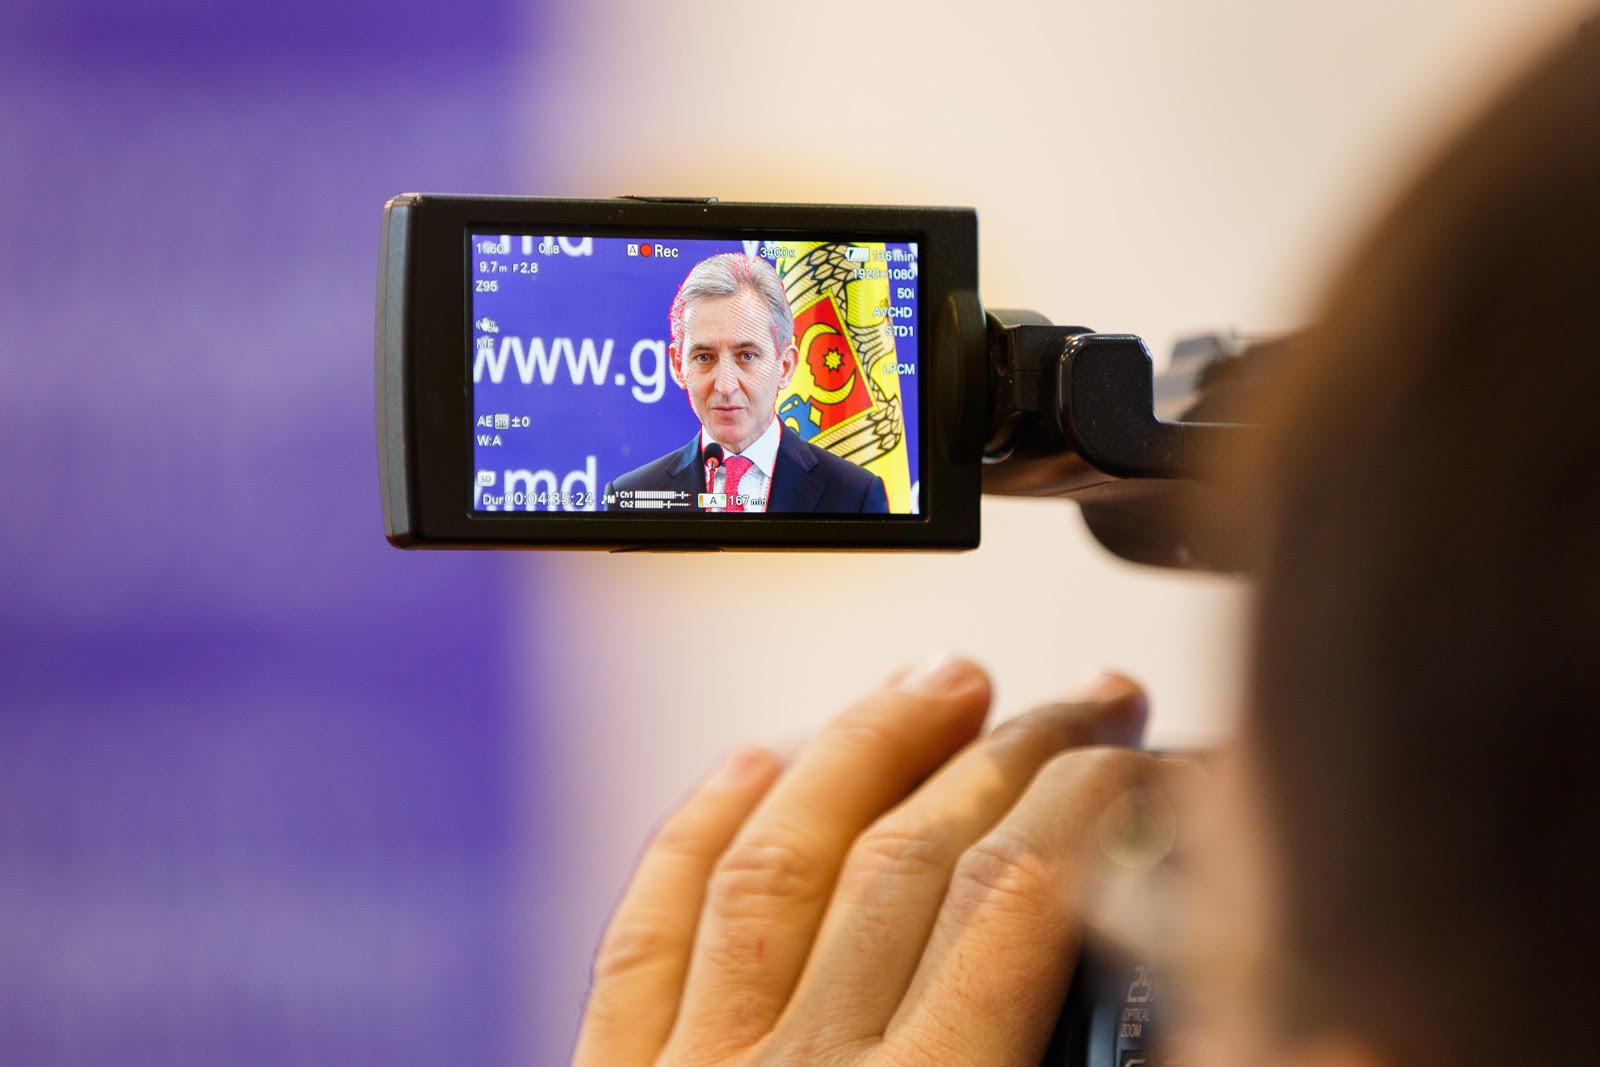 (doc) Declarația TV8, Jurnal TV și UNIMEDIA în legătură cu acuzațiile PPEM